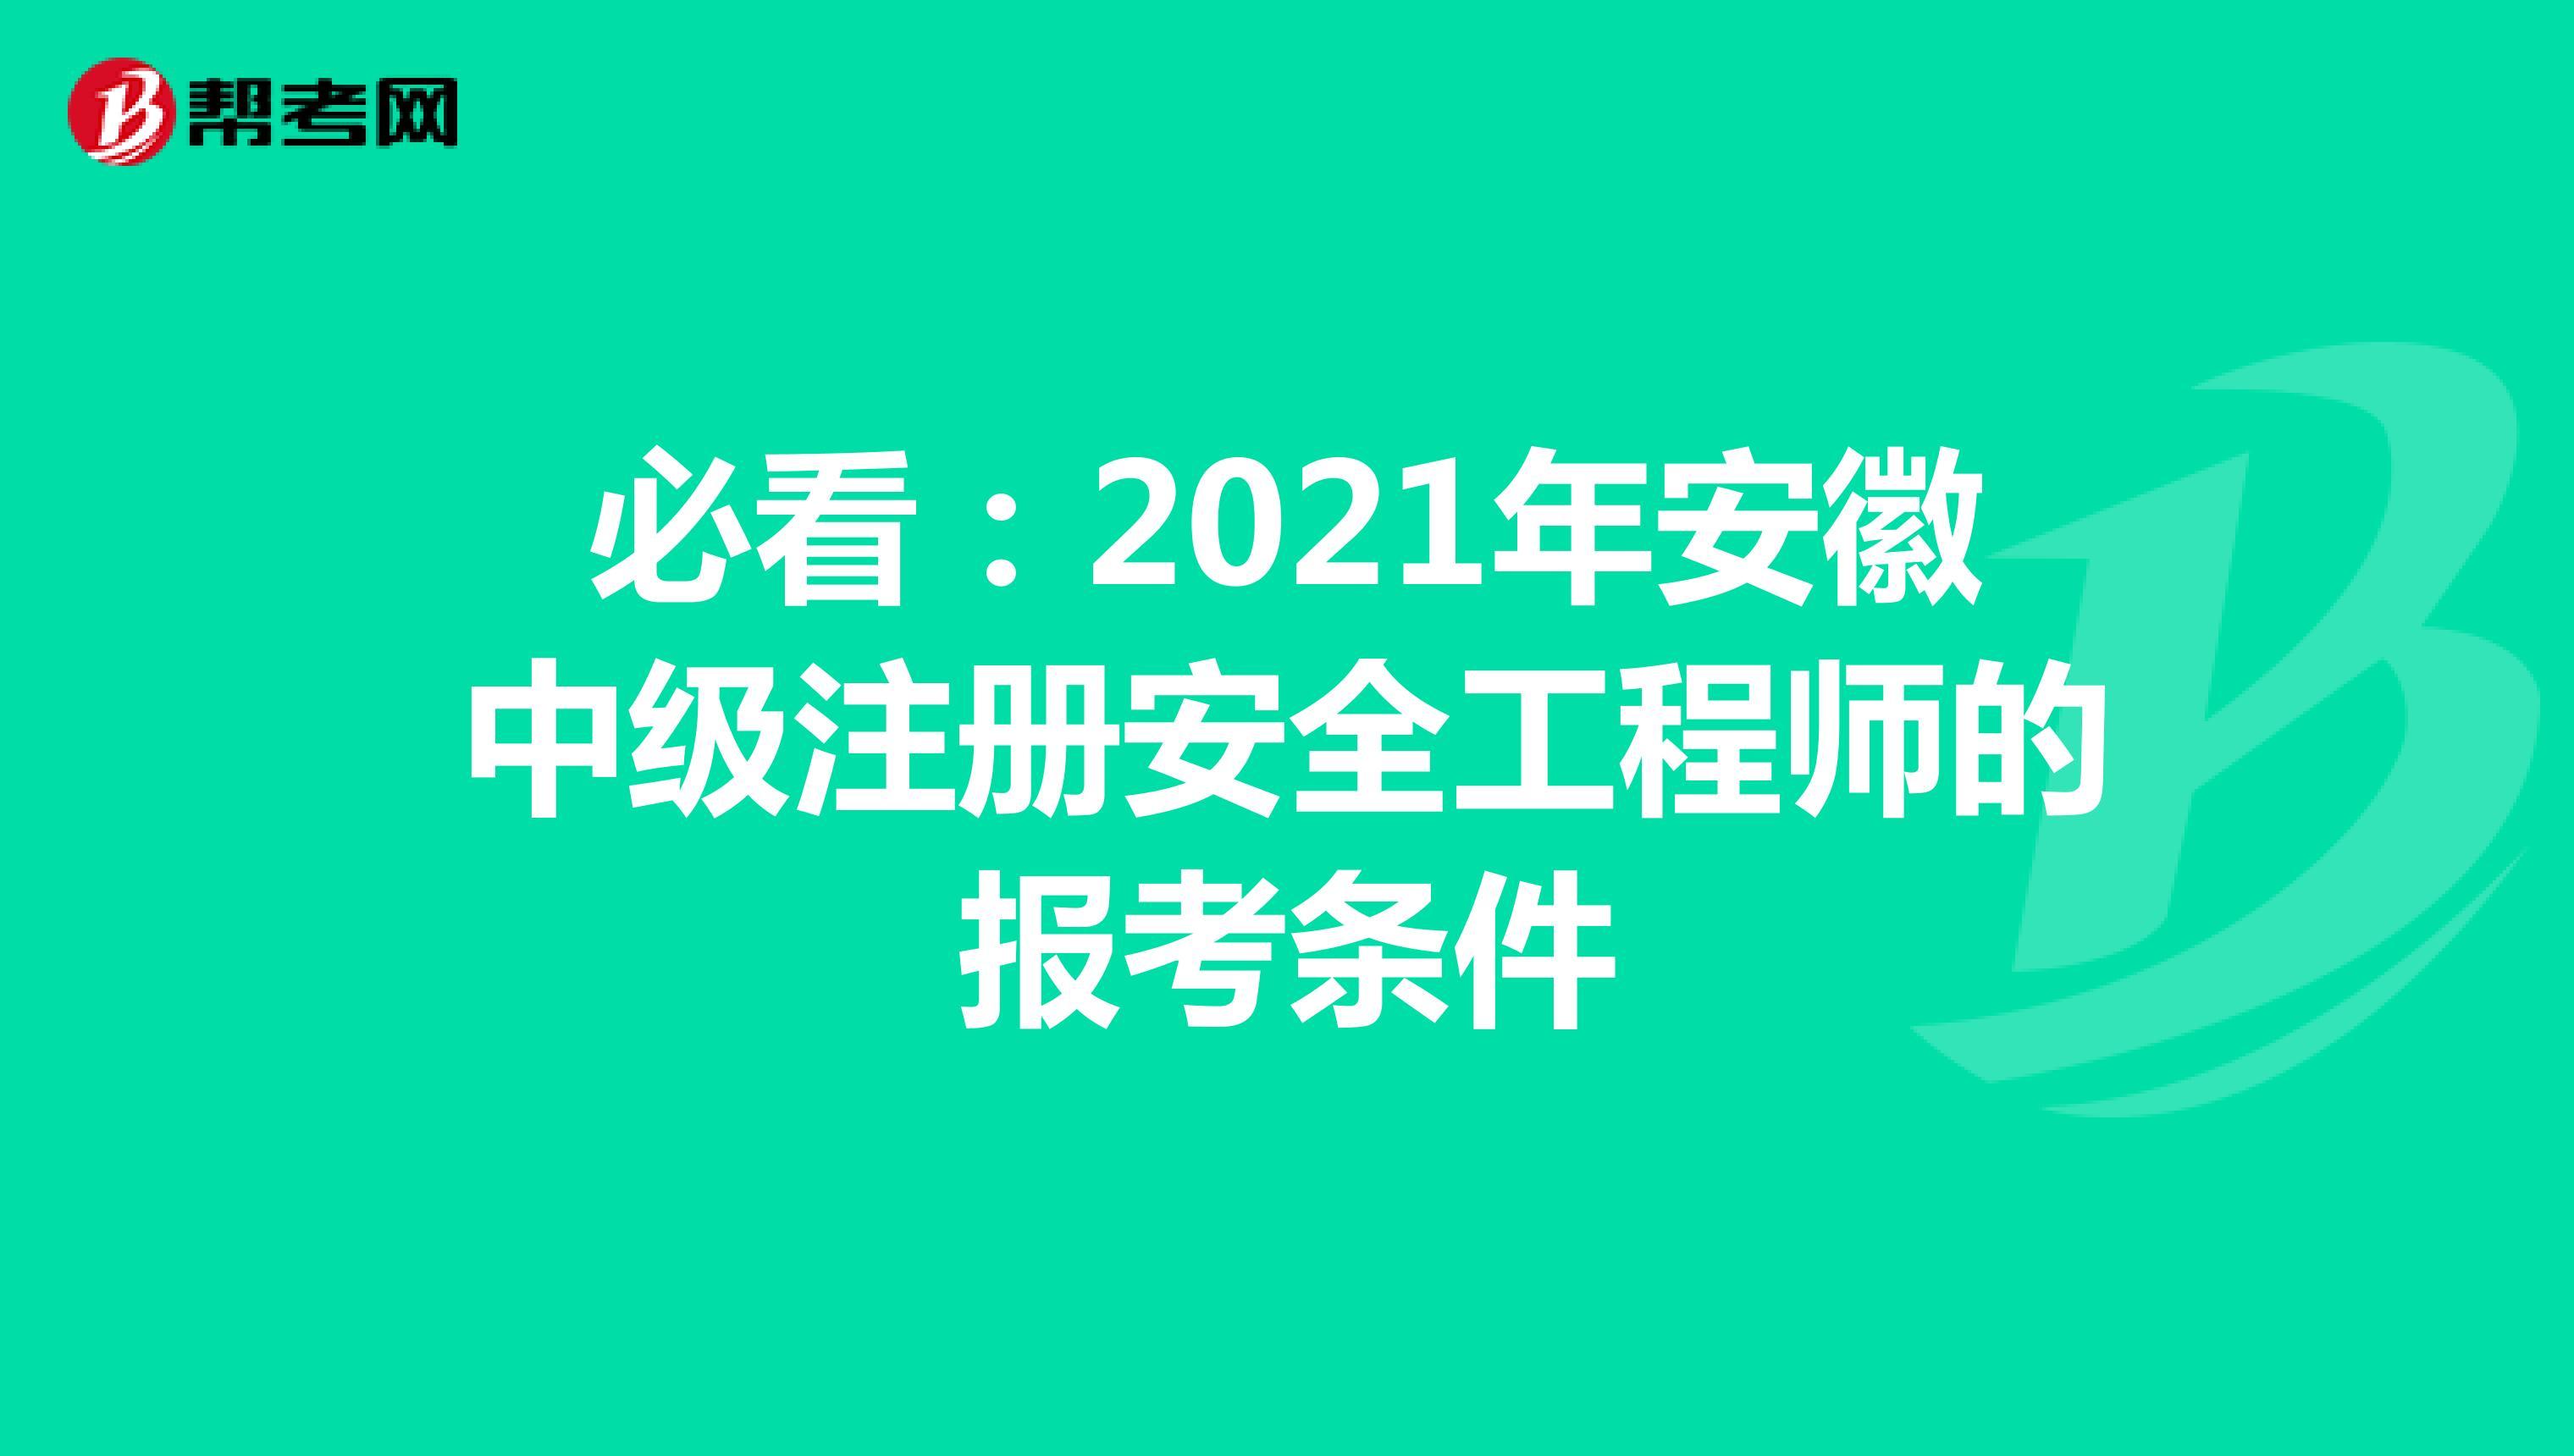 必看:2021年安徽中级注册安全工程师的报考条件